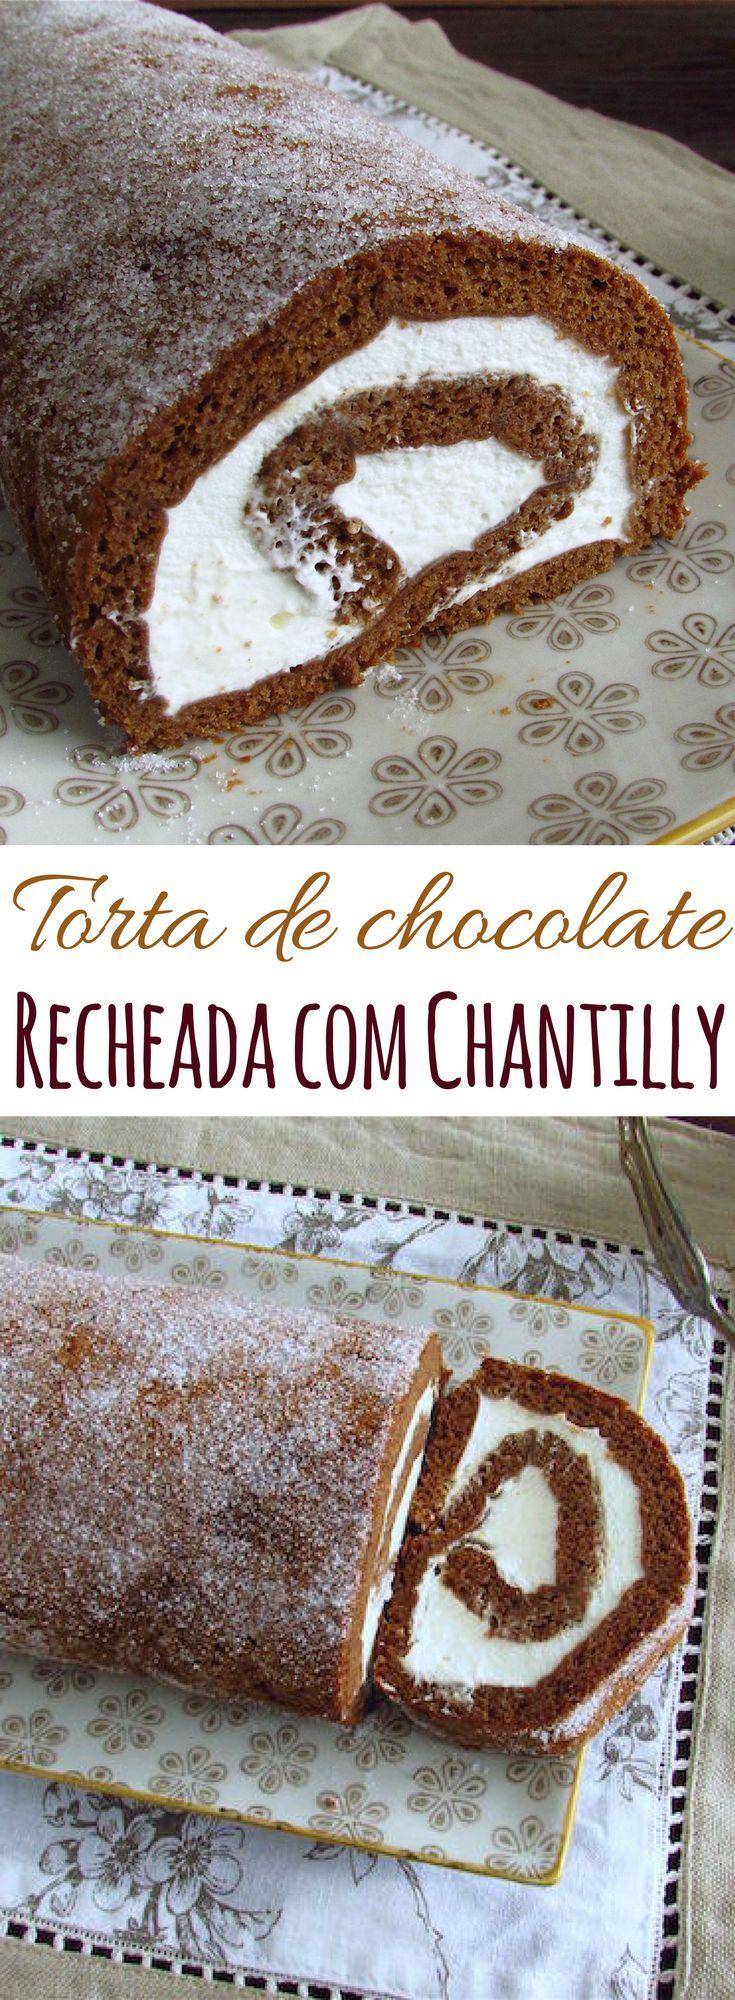 Torta de chocolate recheada com chantilly | Food From Portugal. Quer experimentar uma deliciosa sobremesa? Esta torta de chocolate recheada com chantilly é maravilhosa! Suave e doce, ideal para apresentar em qualquer festa ou ocasião especial! Atreva-se! #receita #chocolate #chantilly #torta